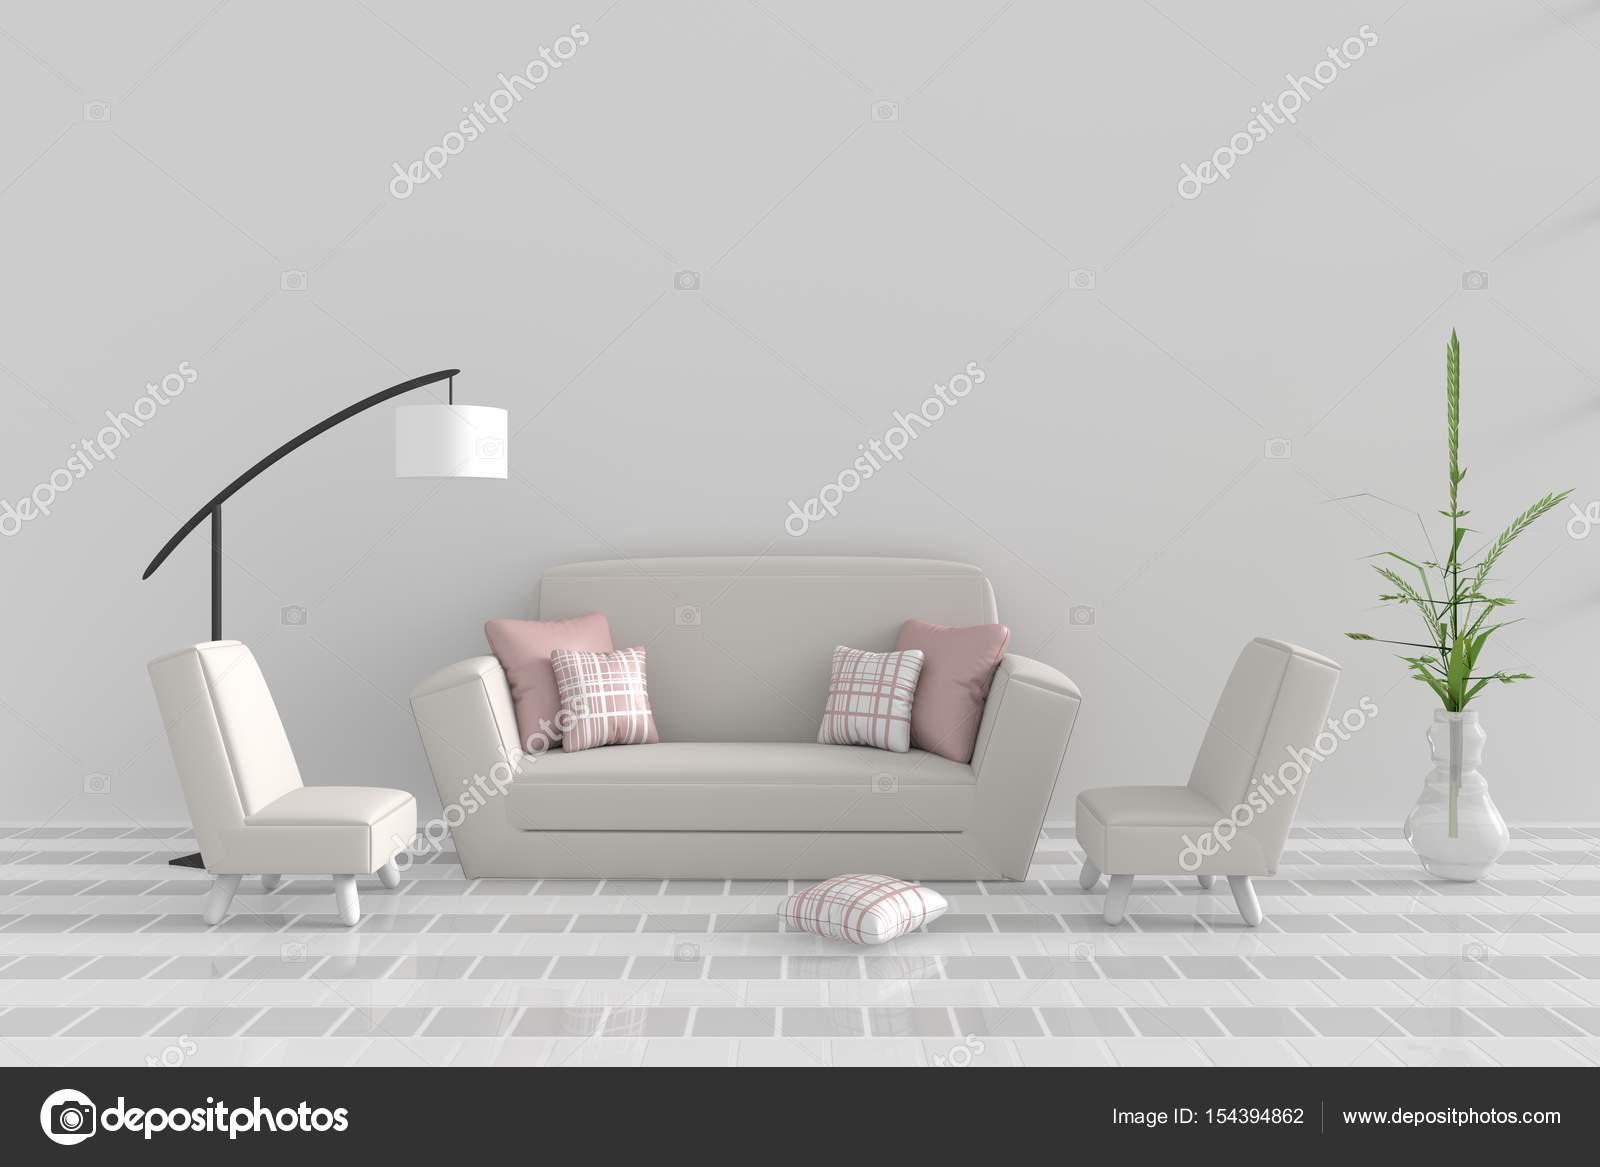 Soggiorno in relax di giorno. Decor con divano, due cuscini poltrona ...